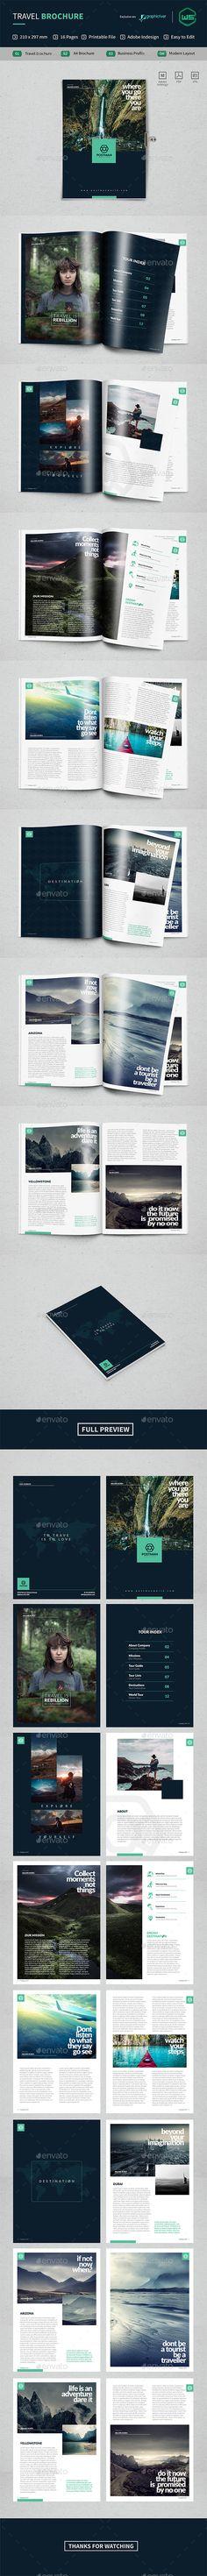 Brochure Travel - Brochures Print Templates   Download: https://graphicriver.net/item/brochure-travel/18722862?ref=sinzo